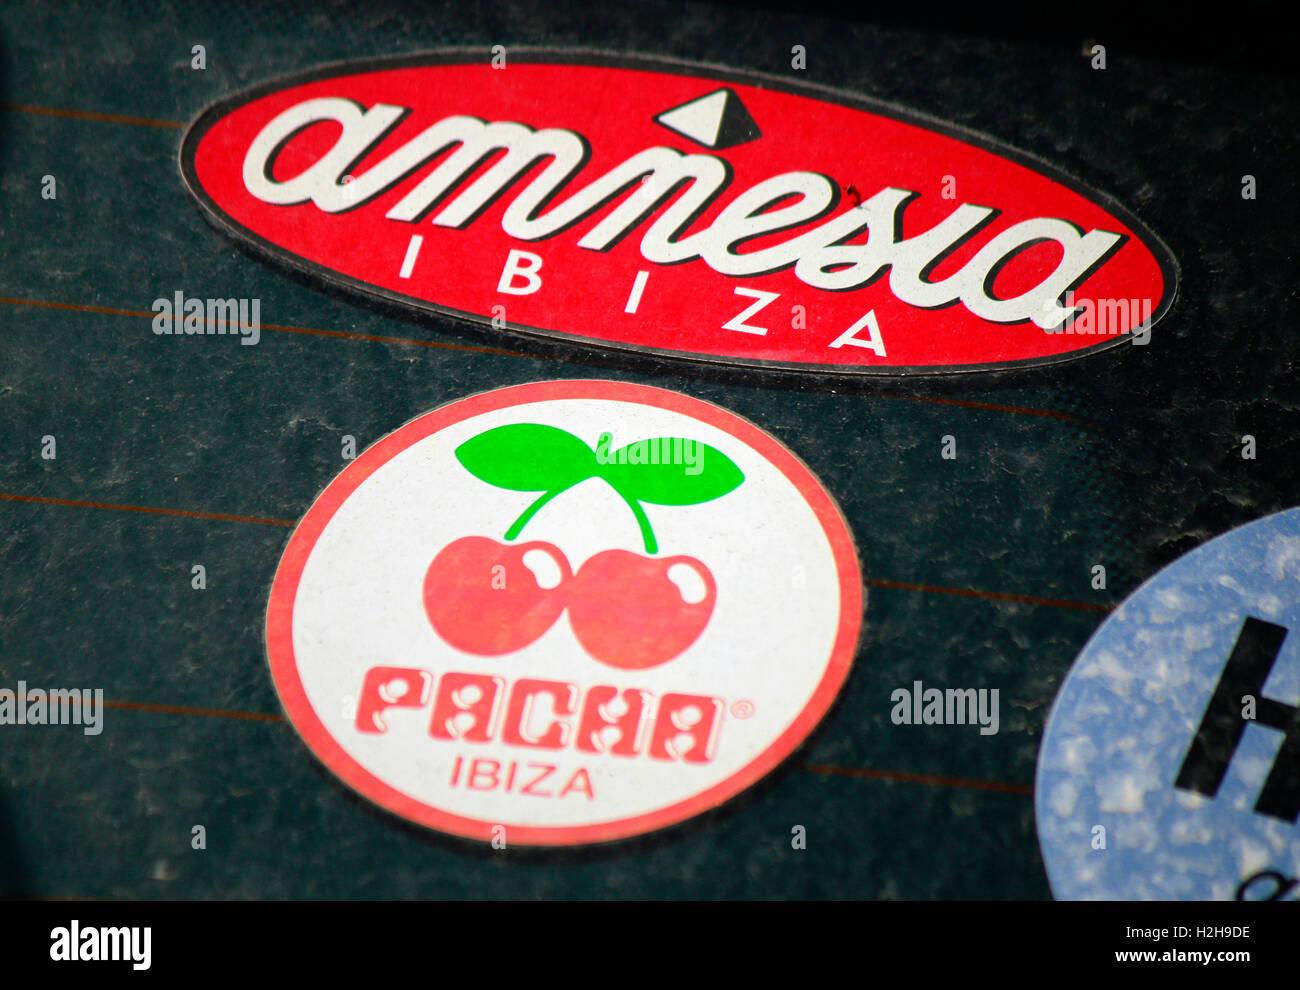 das Logo der Marken 'Amnesia' und 'Pacha', Ibiza, Spanien. - Stock Image